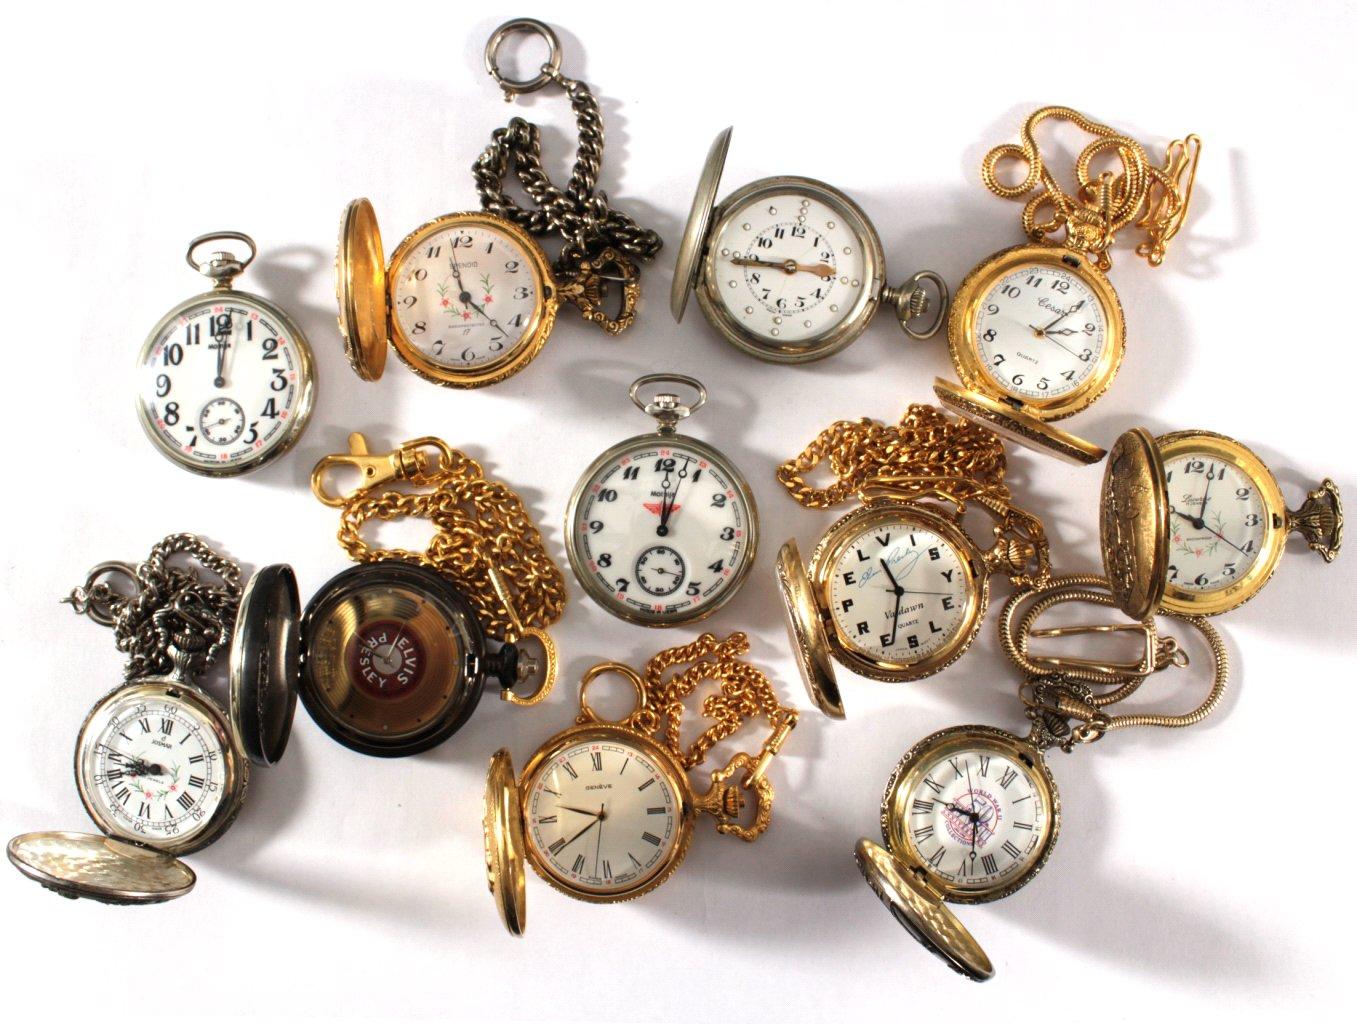 11 Taschenuhren-1